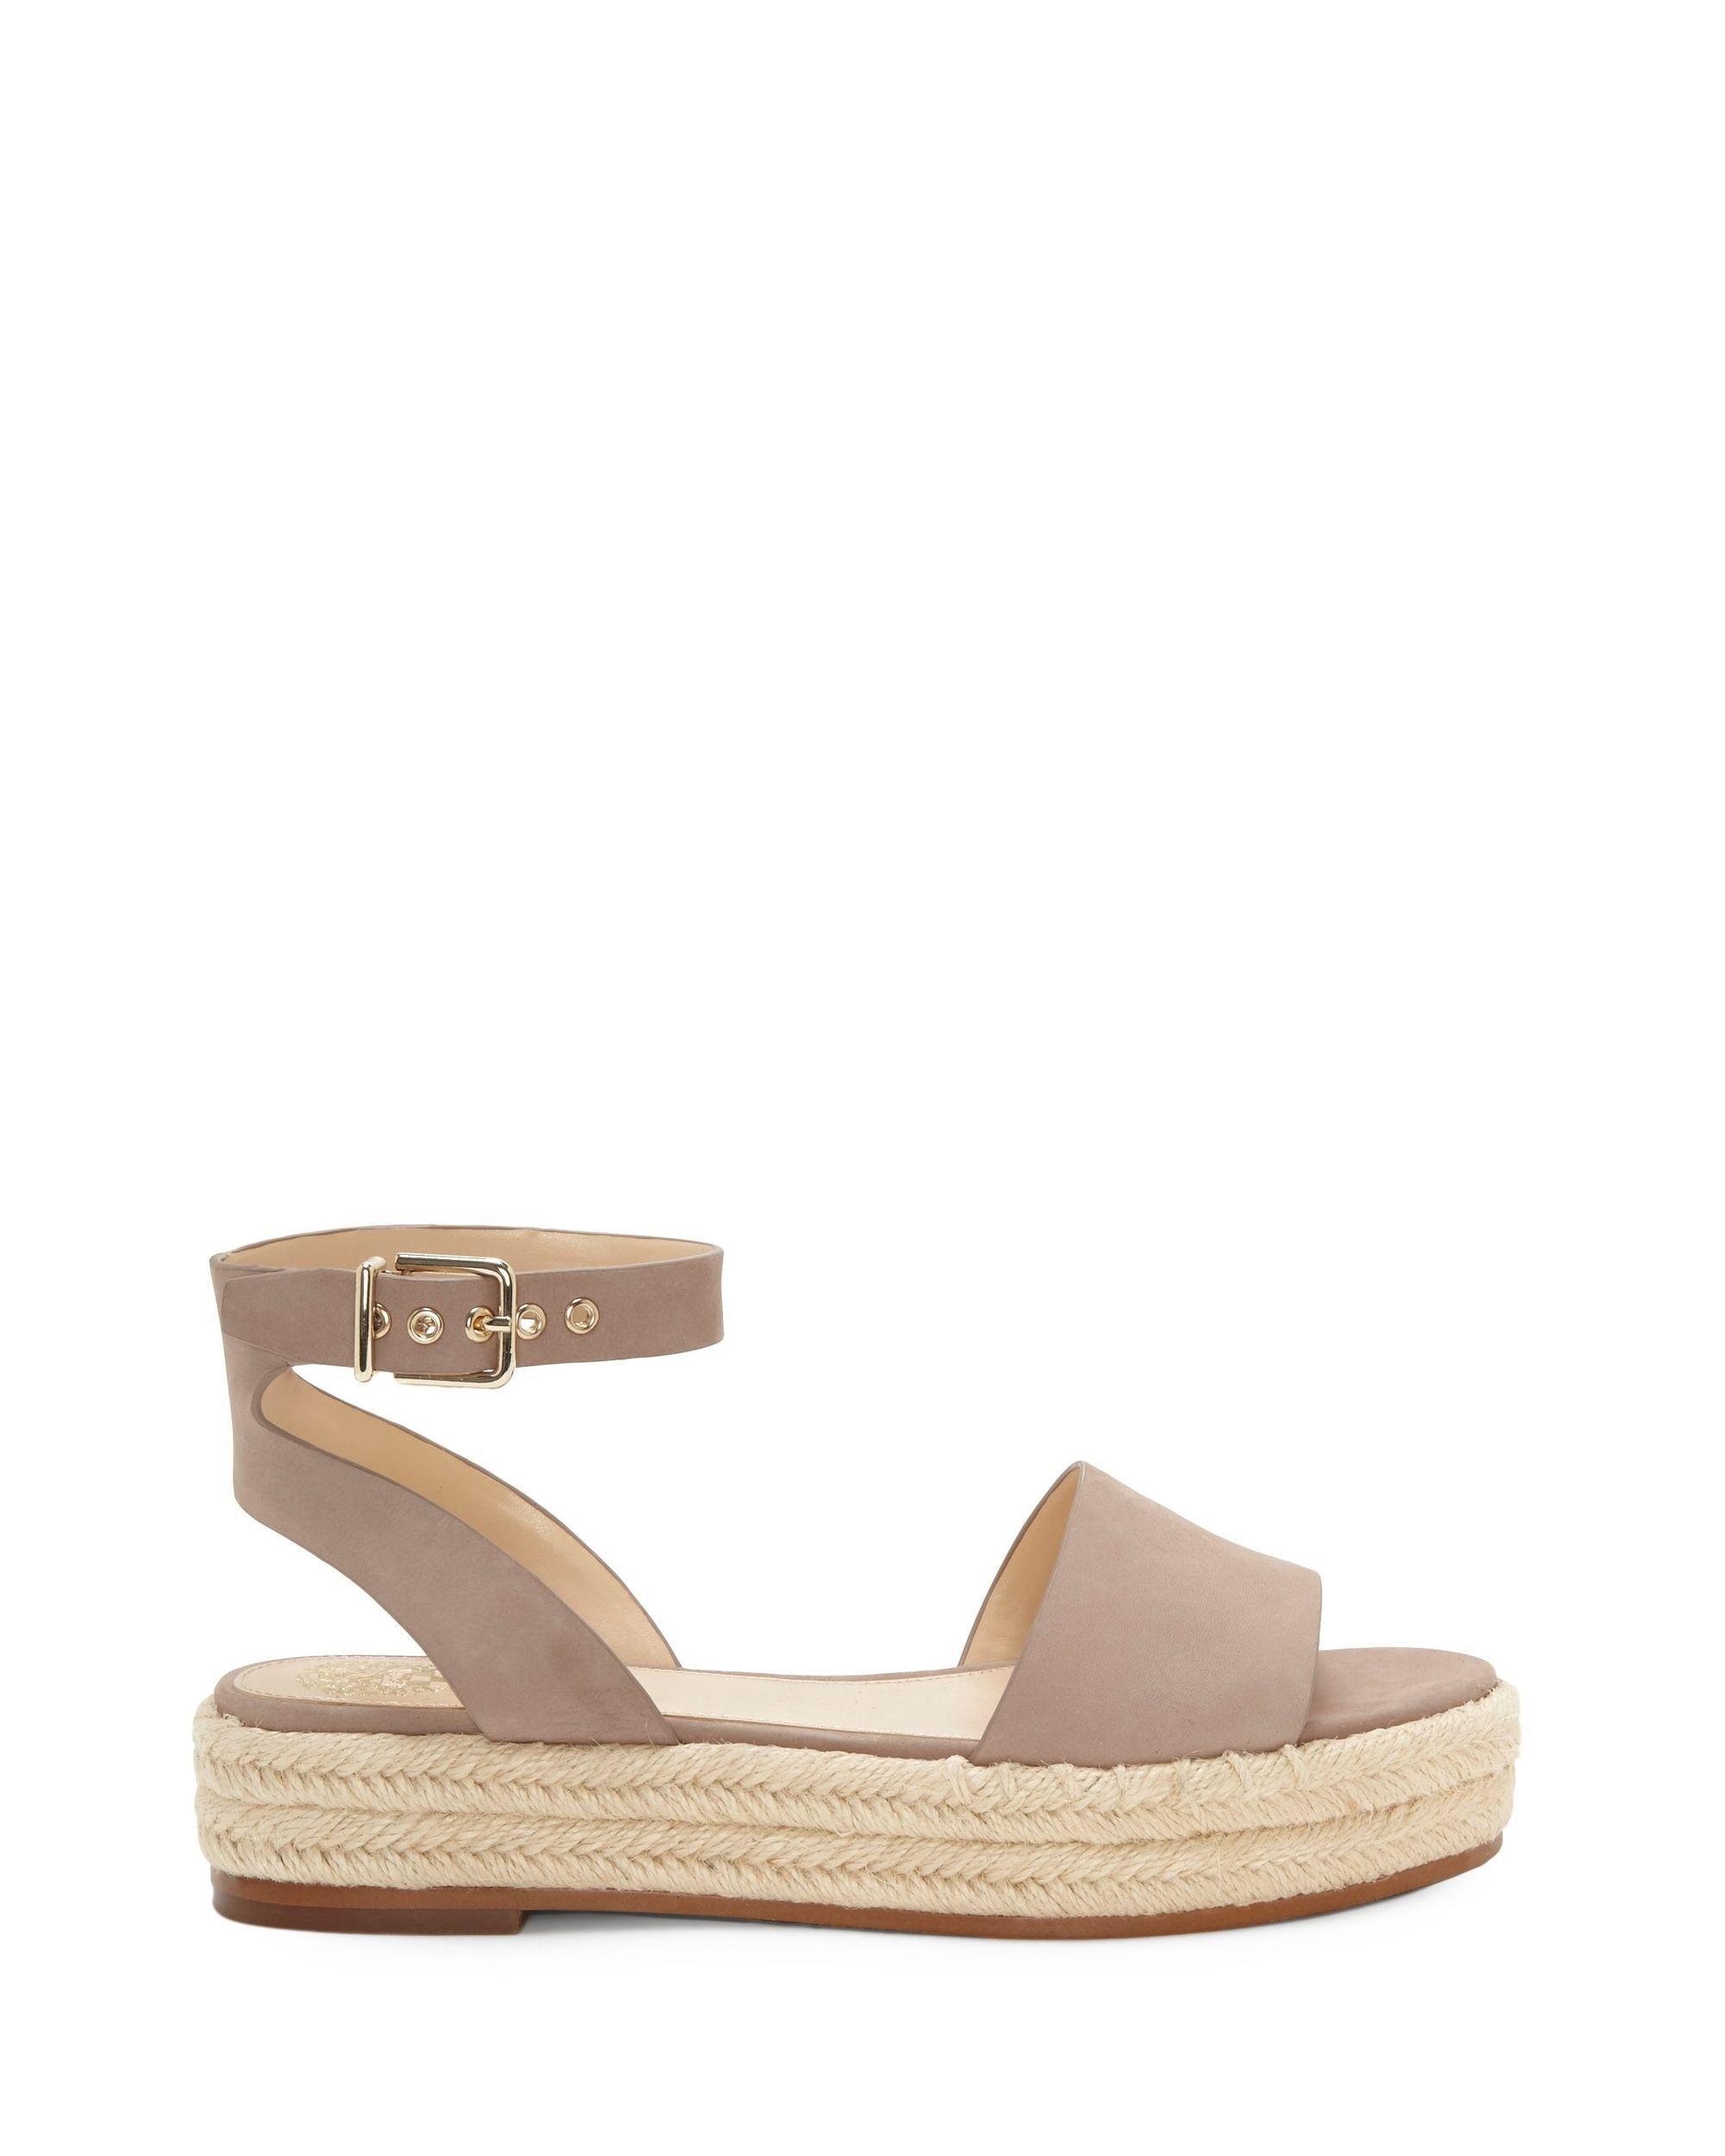 Espadrille sandals, Espadrilles